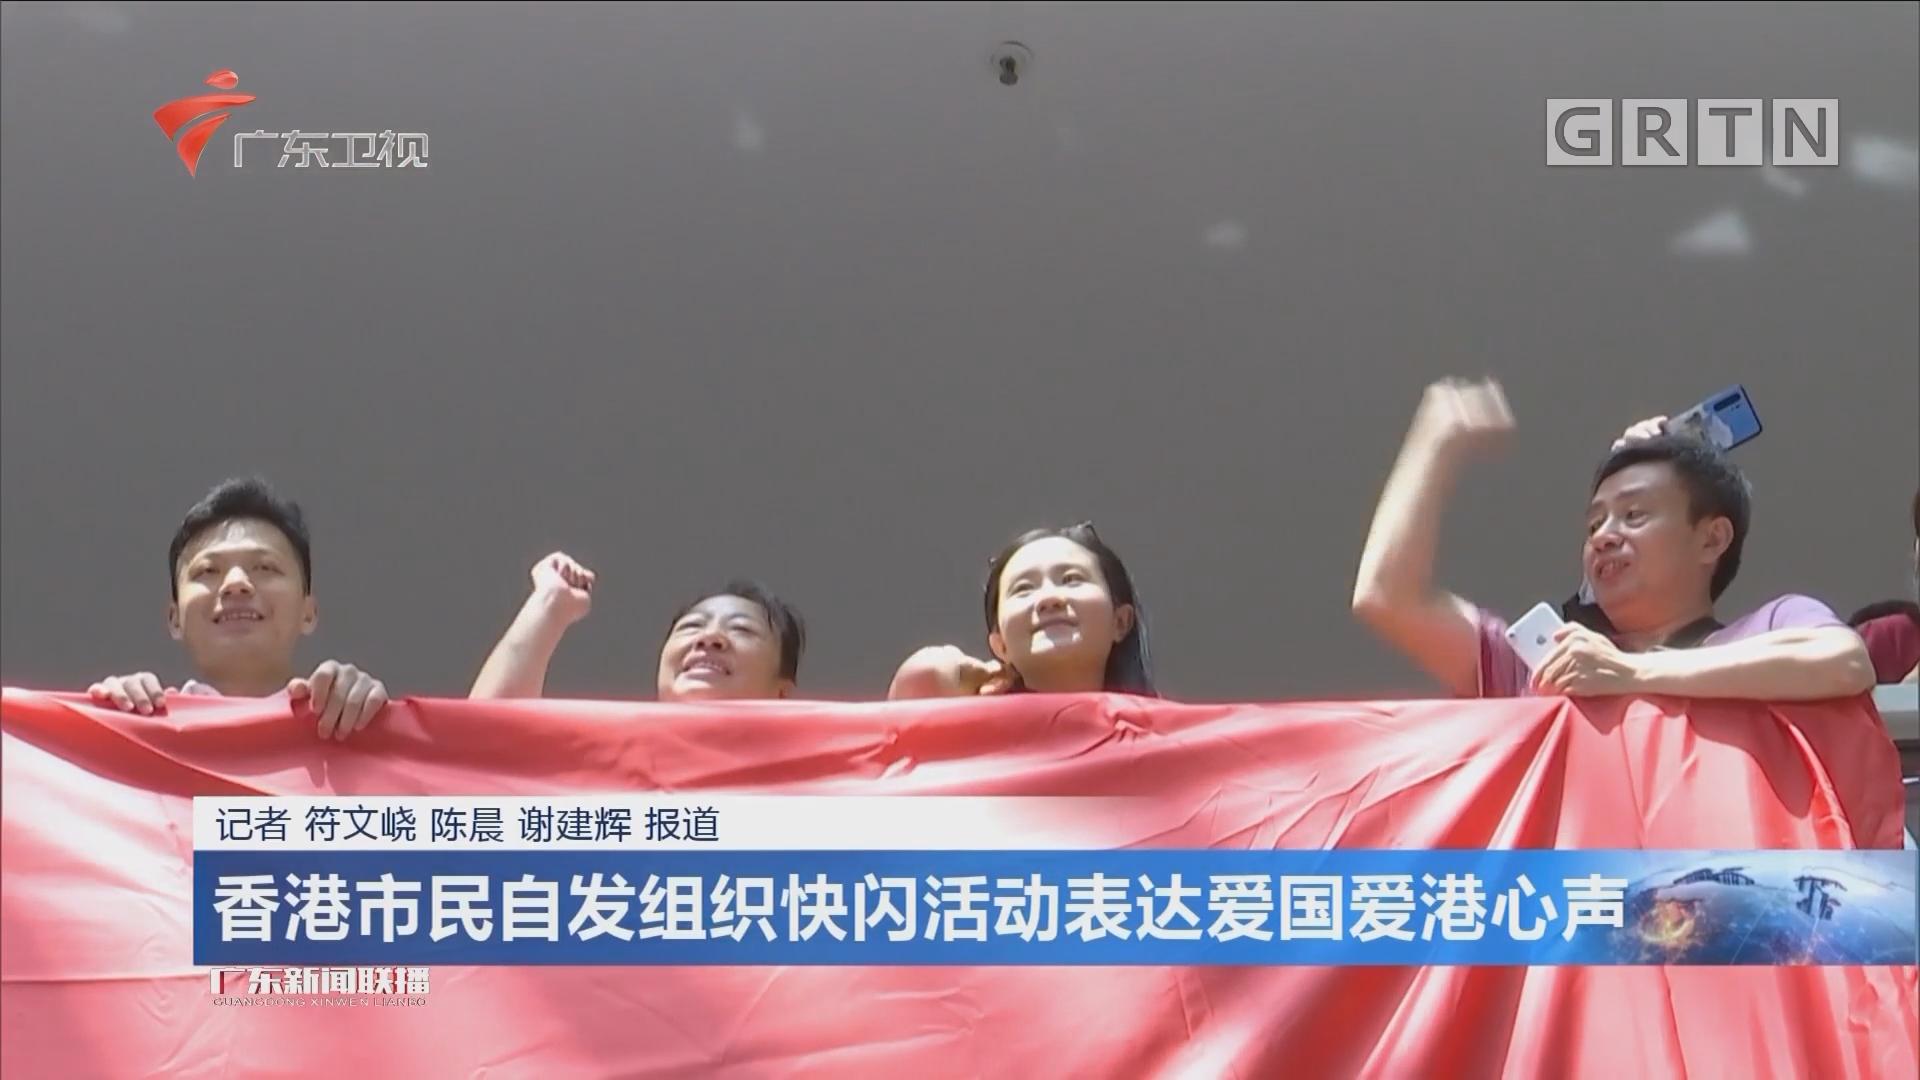 香港市民自發組織快閃活動表達愛國愛港心聲